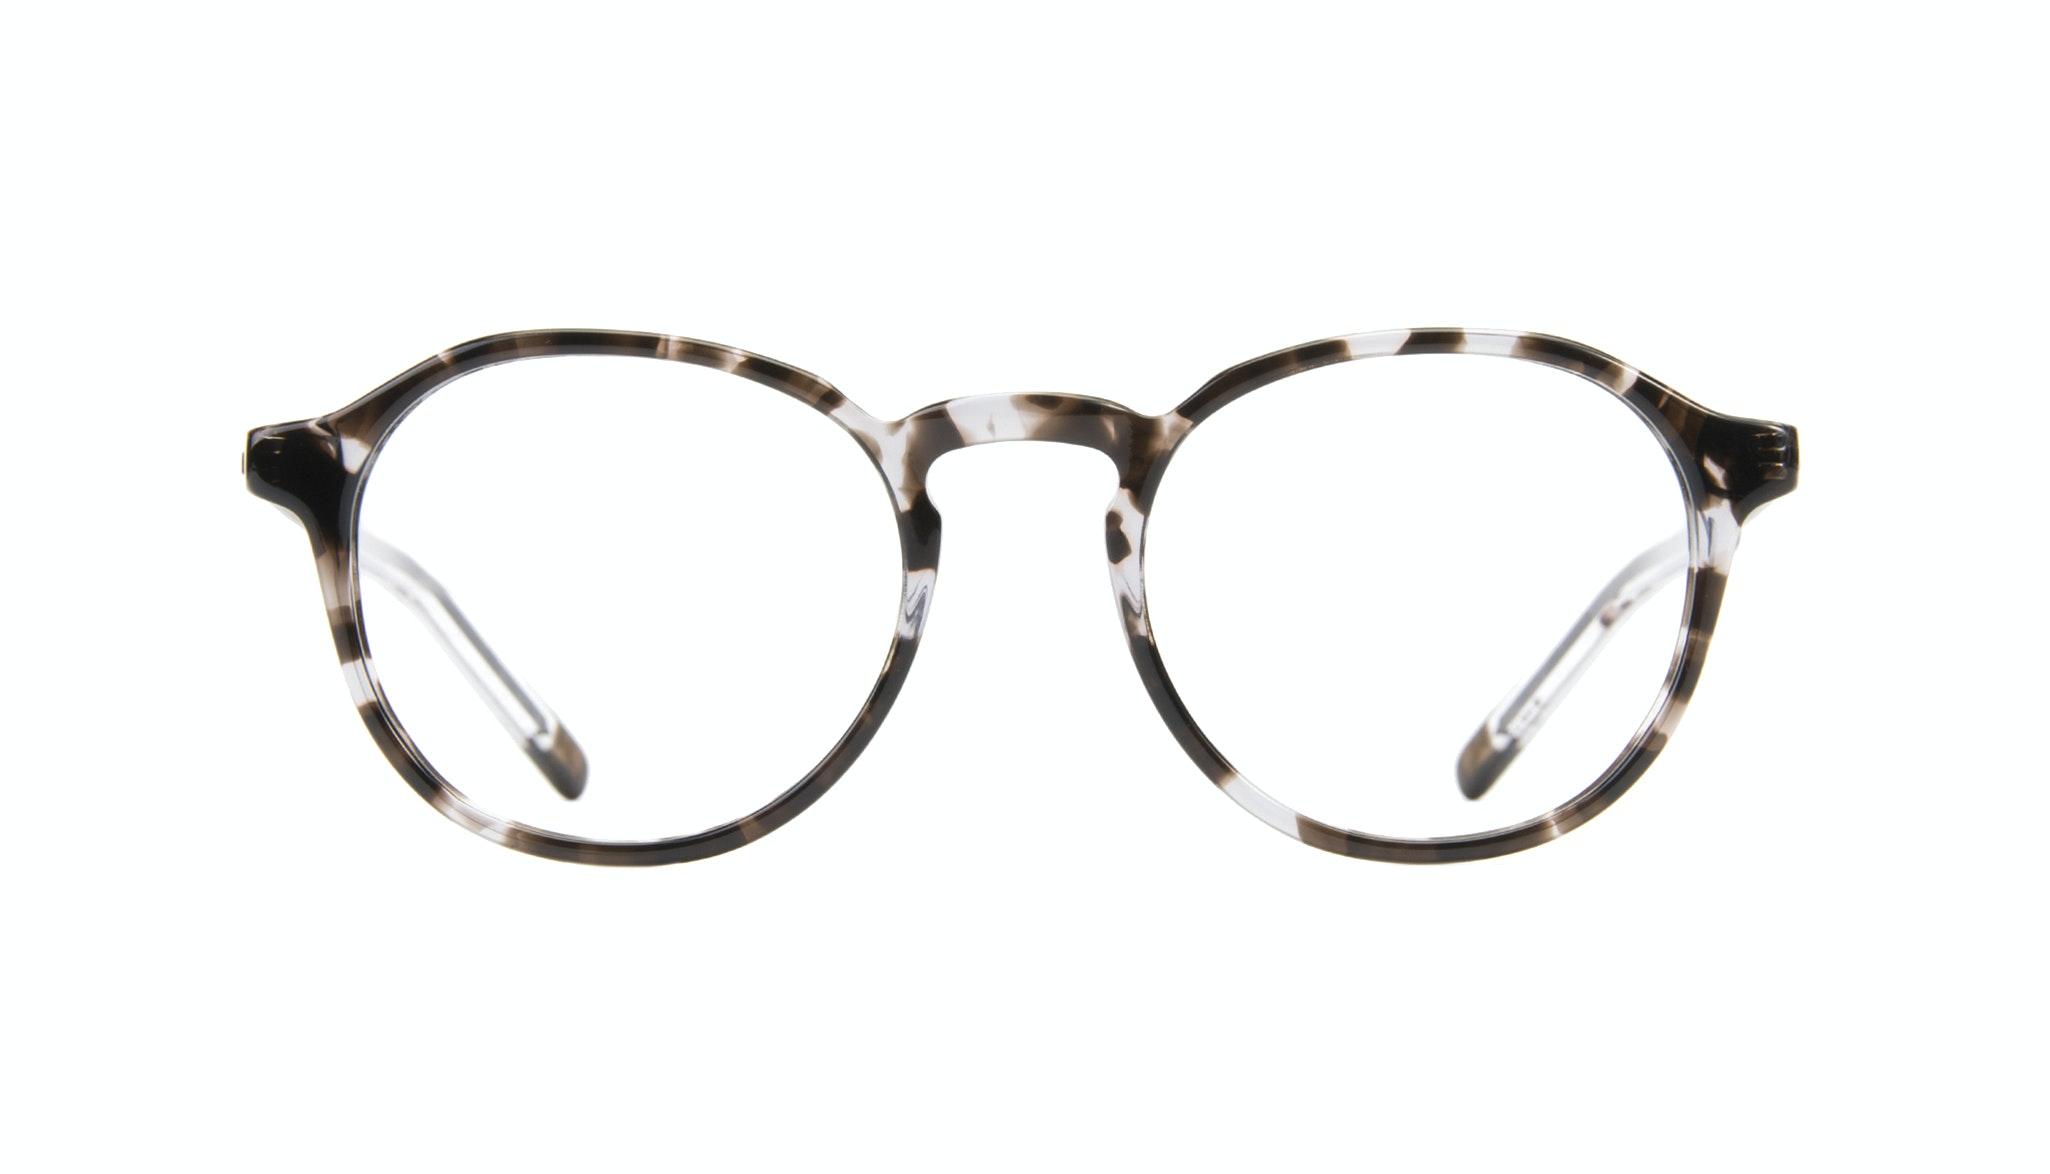 Affordable Fashion Glasses Round Eyeglasses Men Prime Mud Tort Front